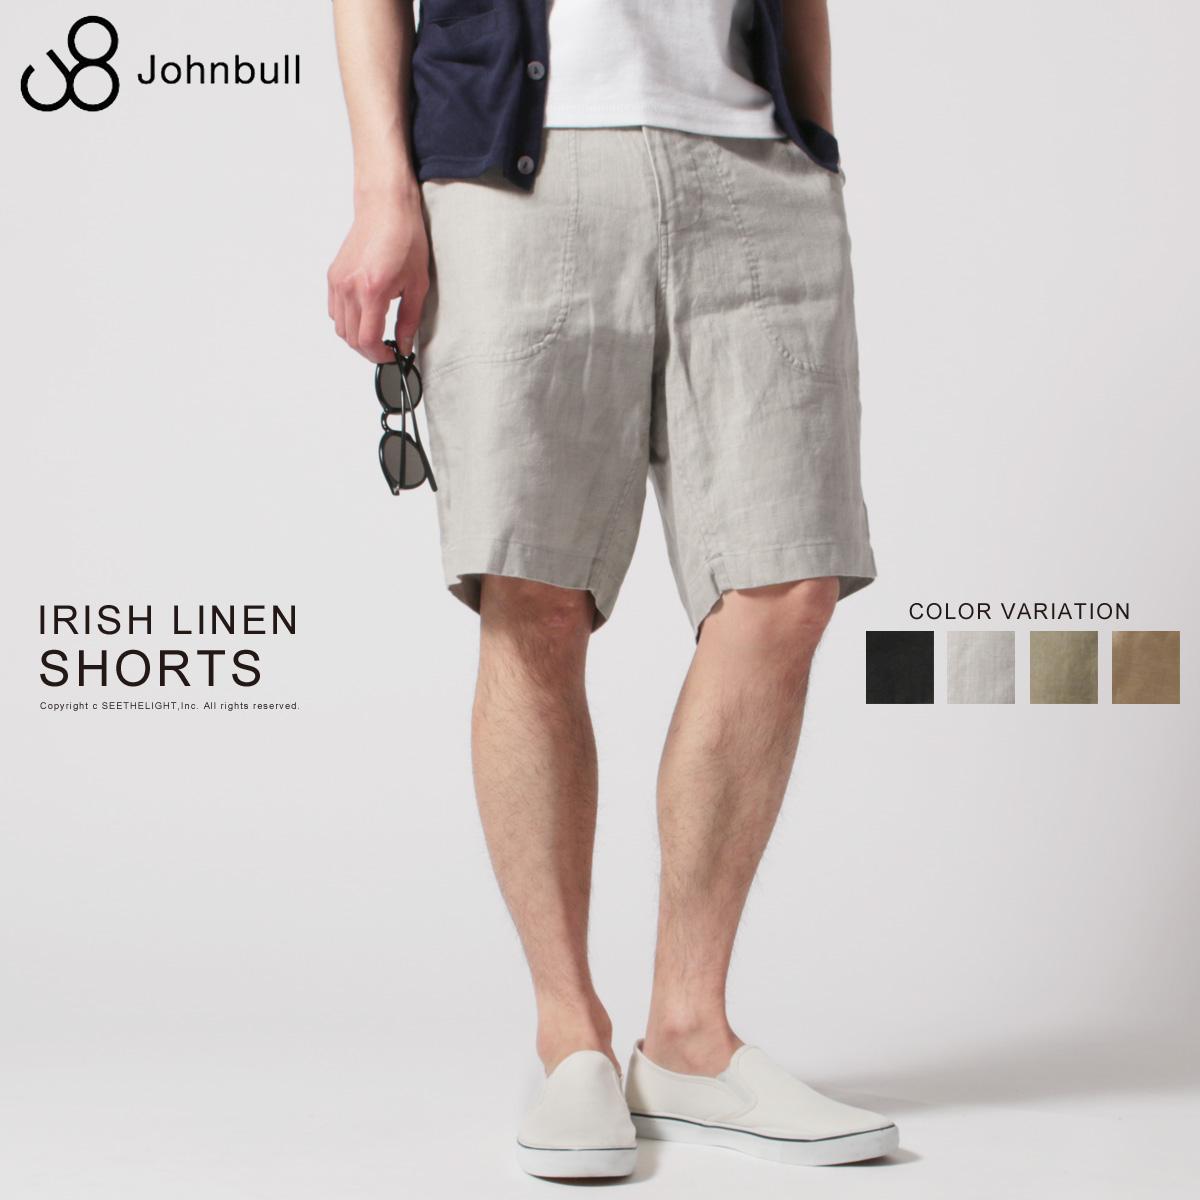 linen shorts for men